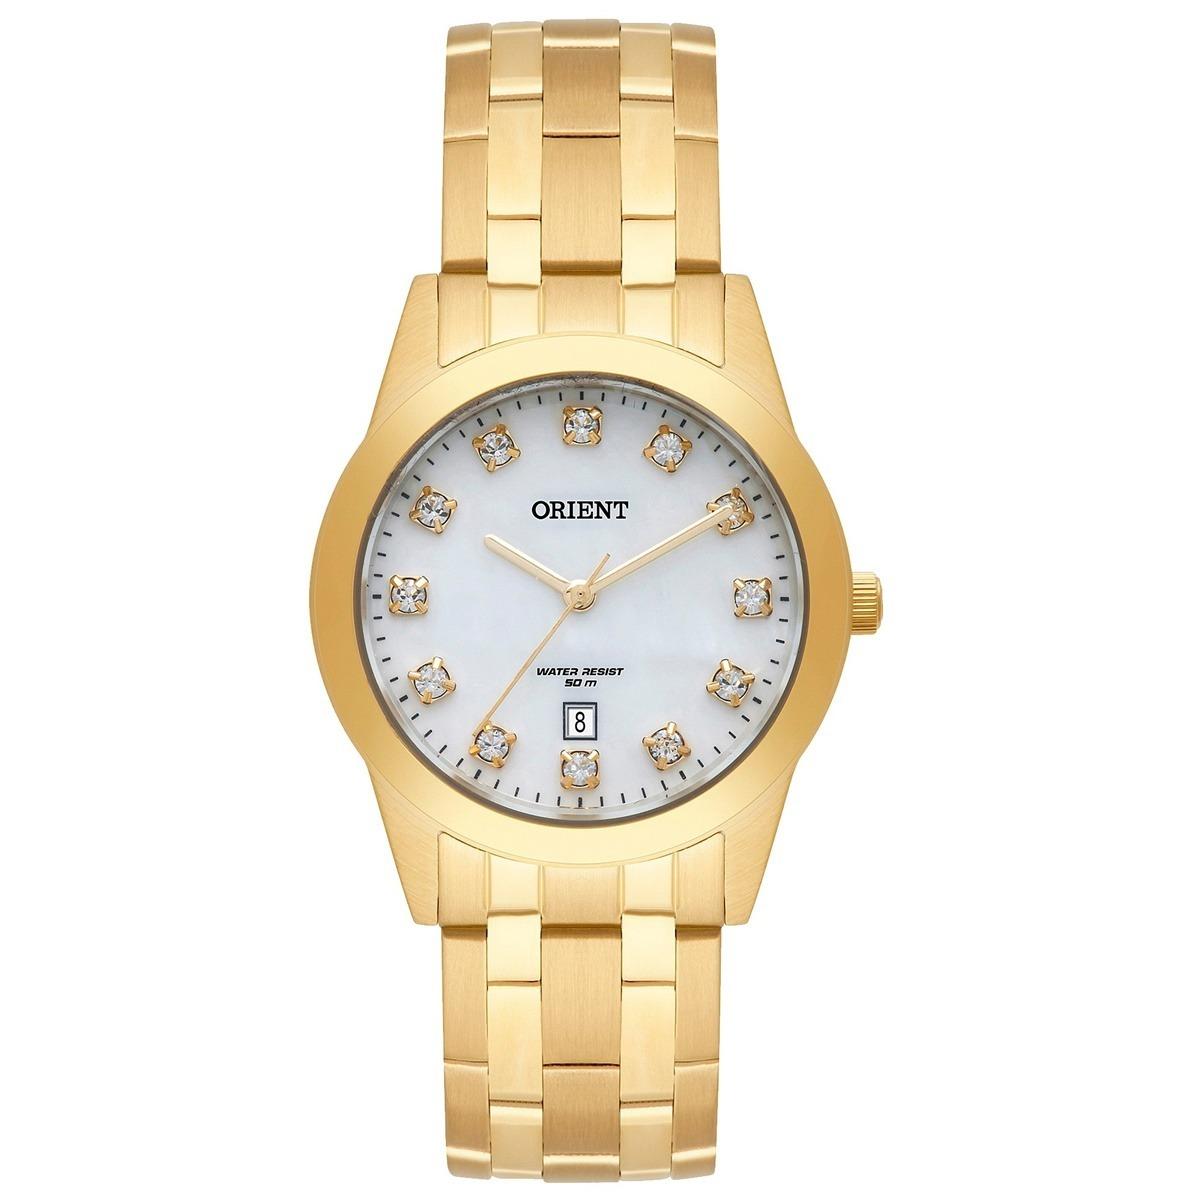 ad3e2055a8b relógio orient eternal feminino dourado wr 50m fgss1150 b1kx. Carregando  zoom.